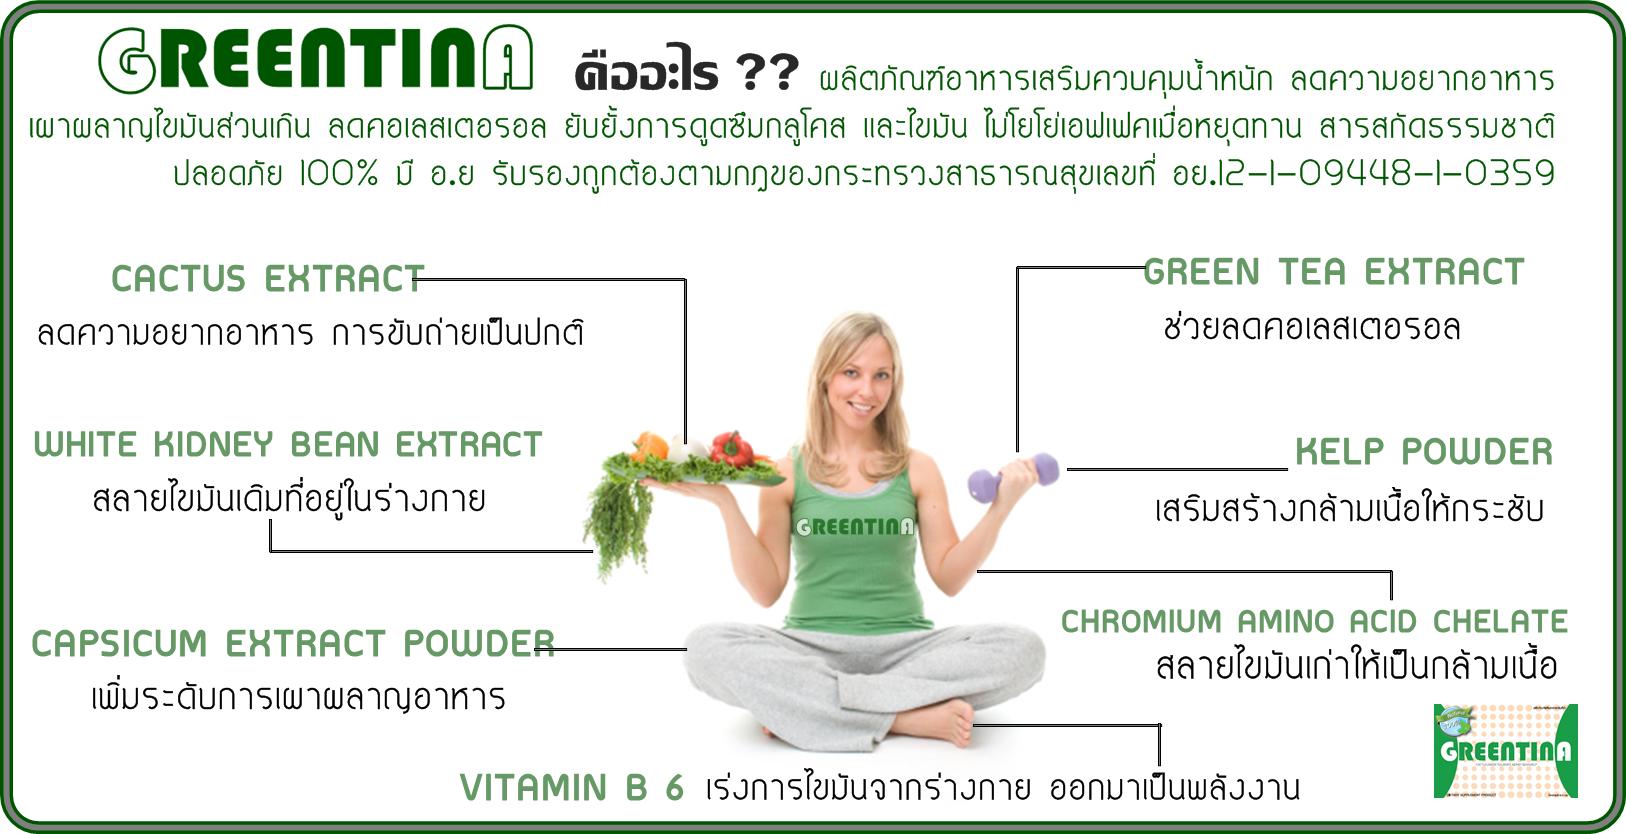 กรีนติน่า Greentina ลดน้ำหนัก ของแท้ ราคาถูก ปลีก/ส่ง โทร 089-778-7338-088-222-4622 เอจ